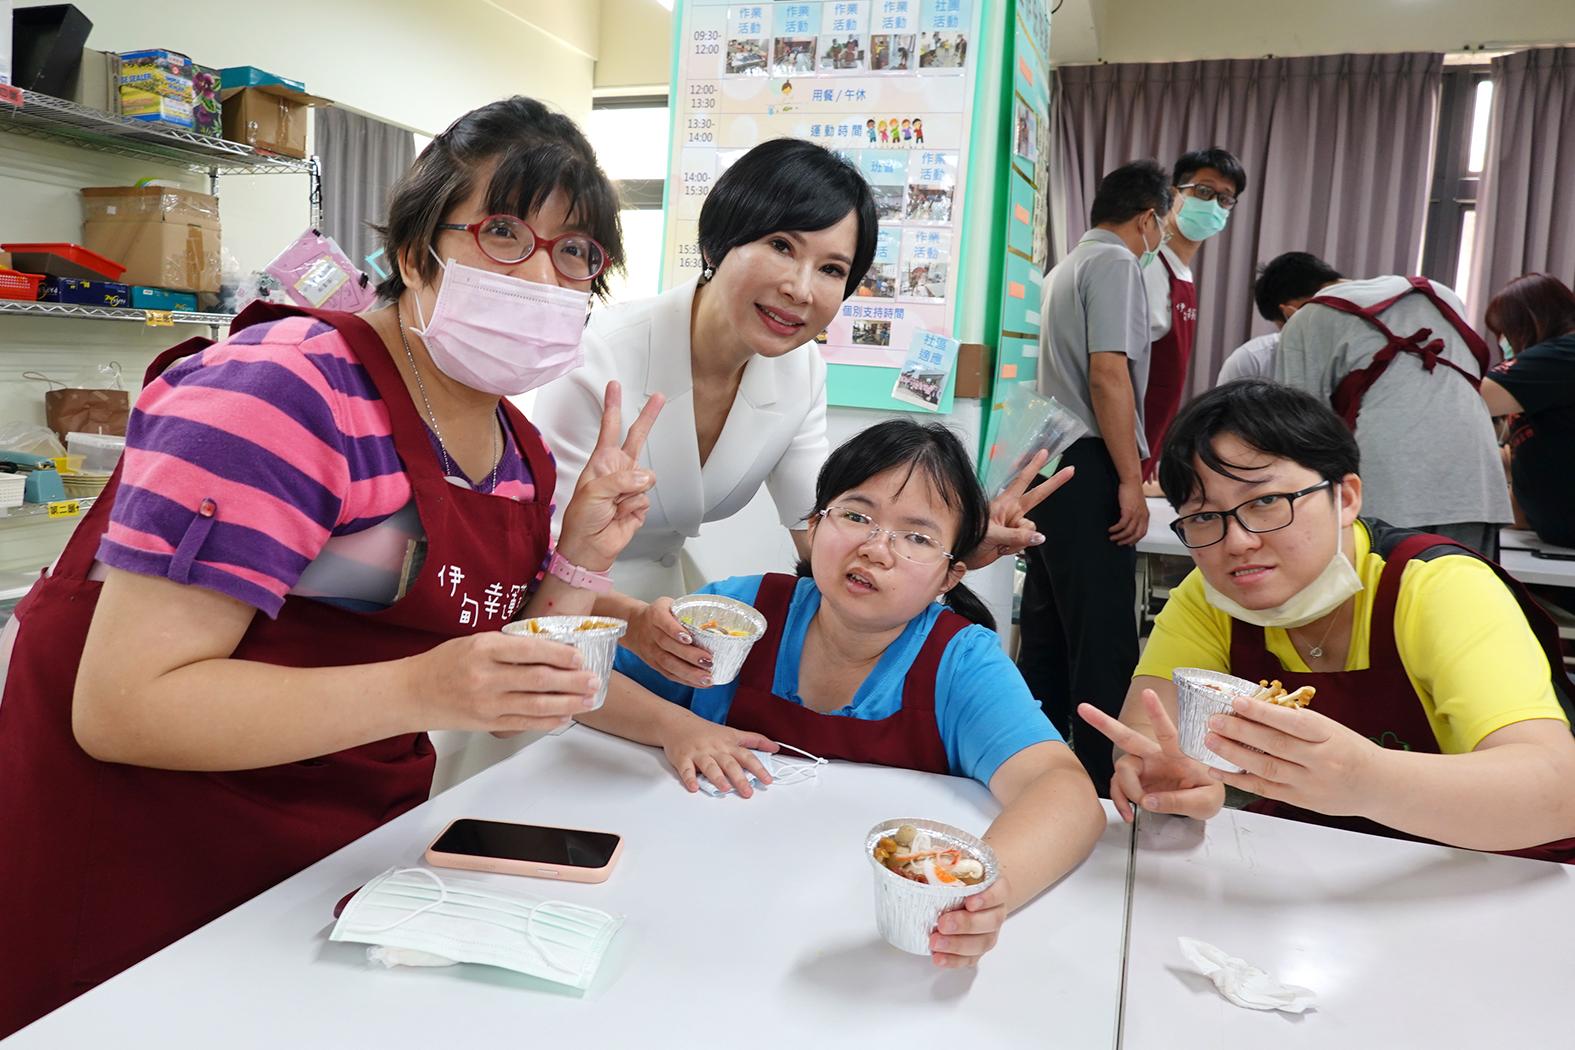 臺鹽總經理吳旭慧(左二)陪伴身障青年製作母親節幸福料理,讓身障青年在職涯上增添更多動力。